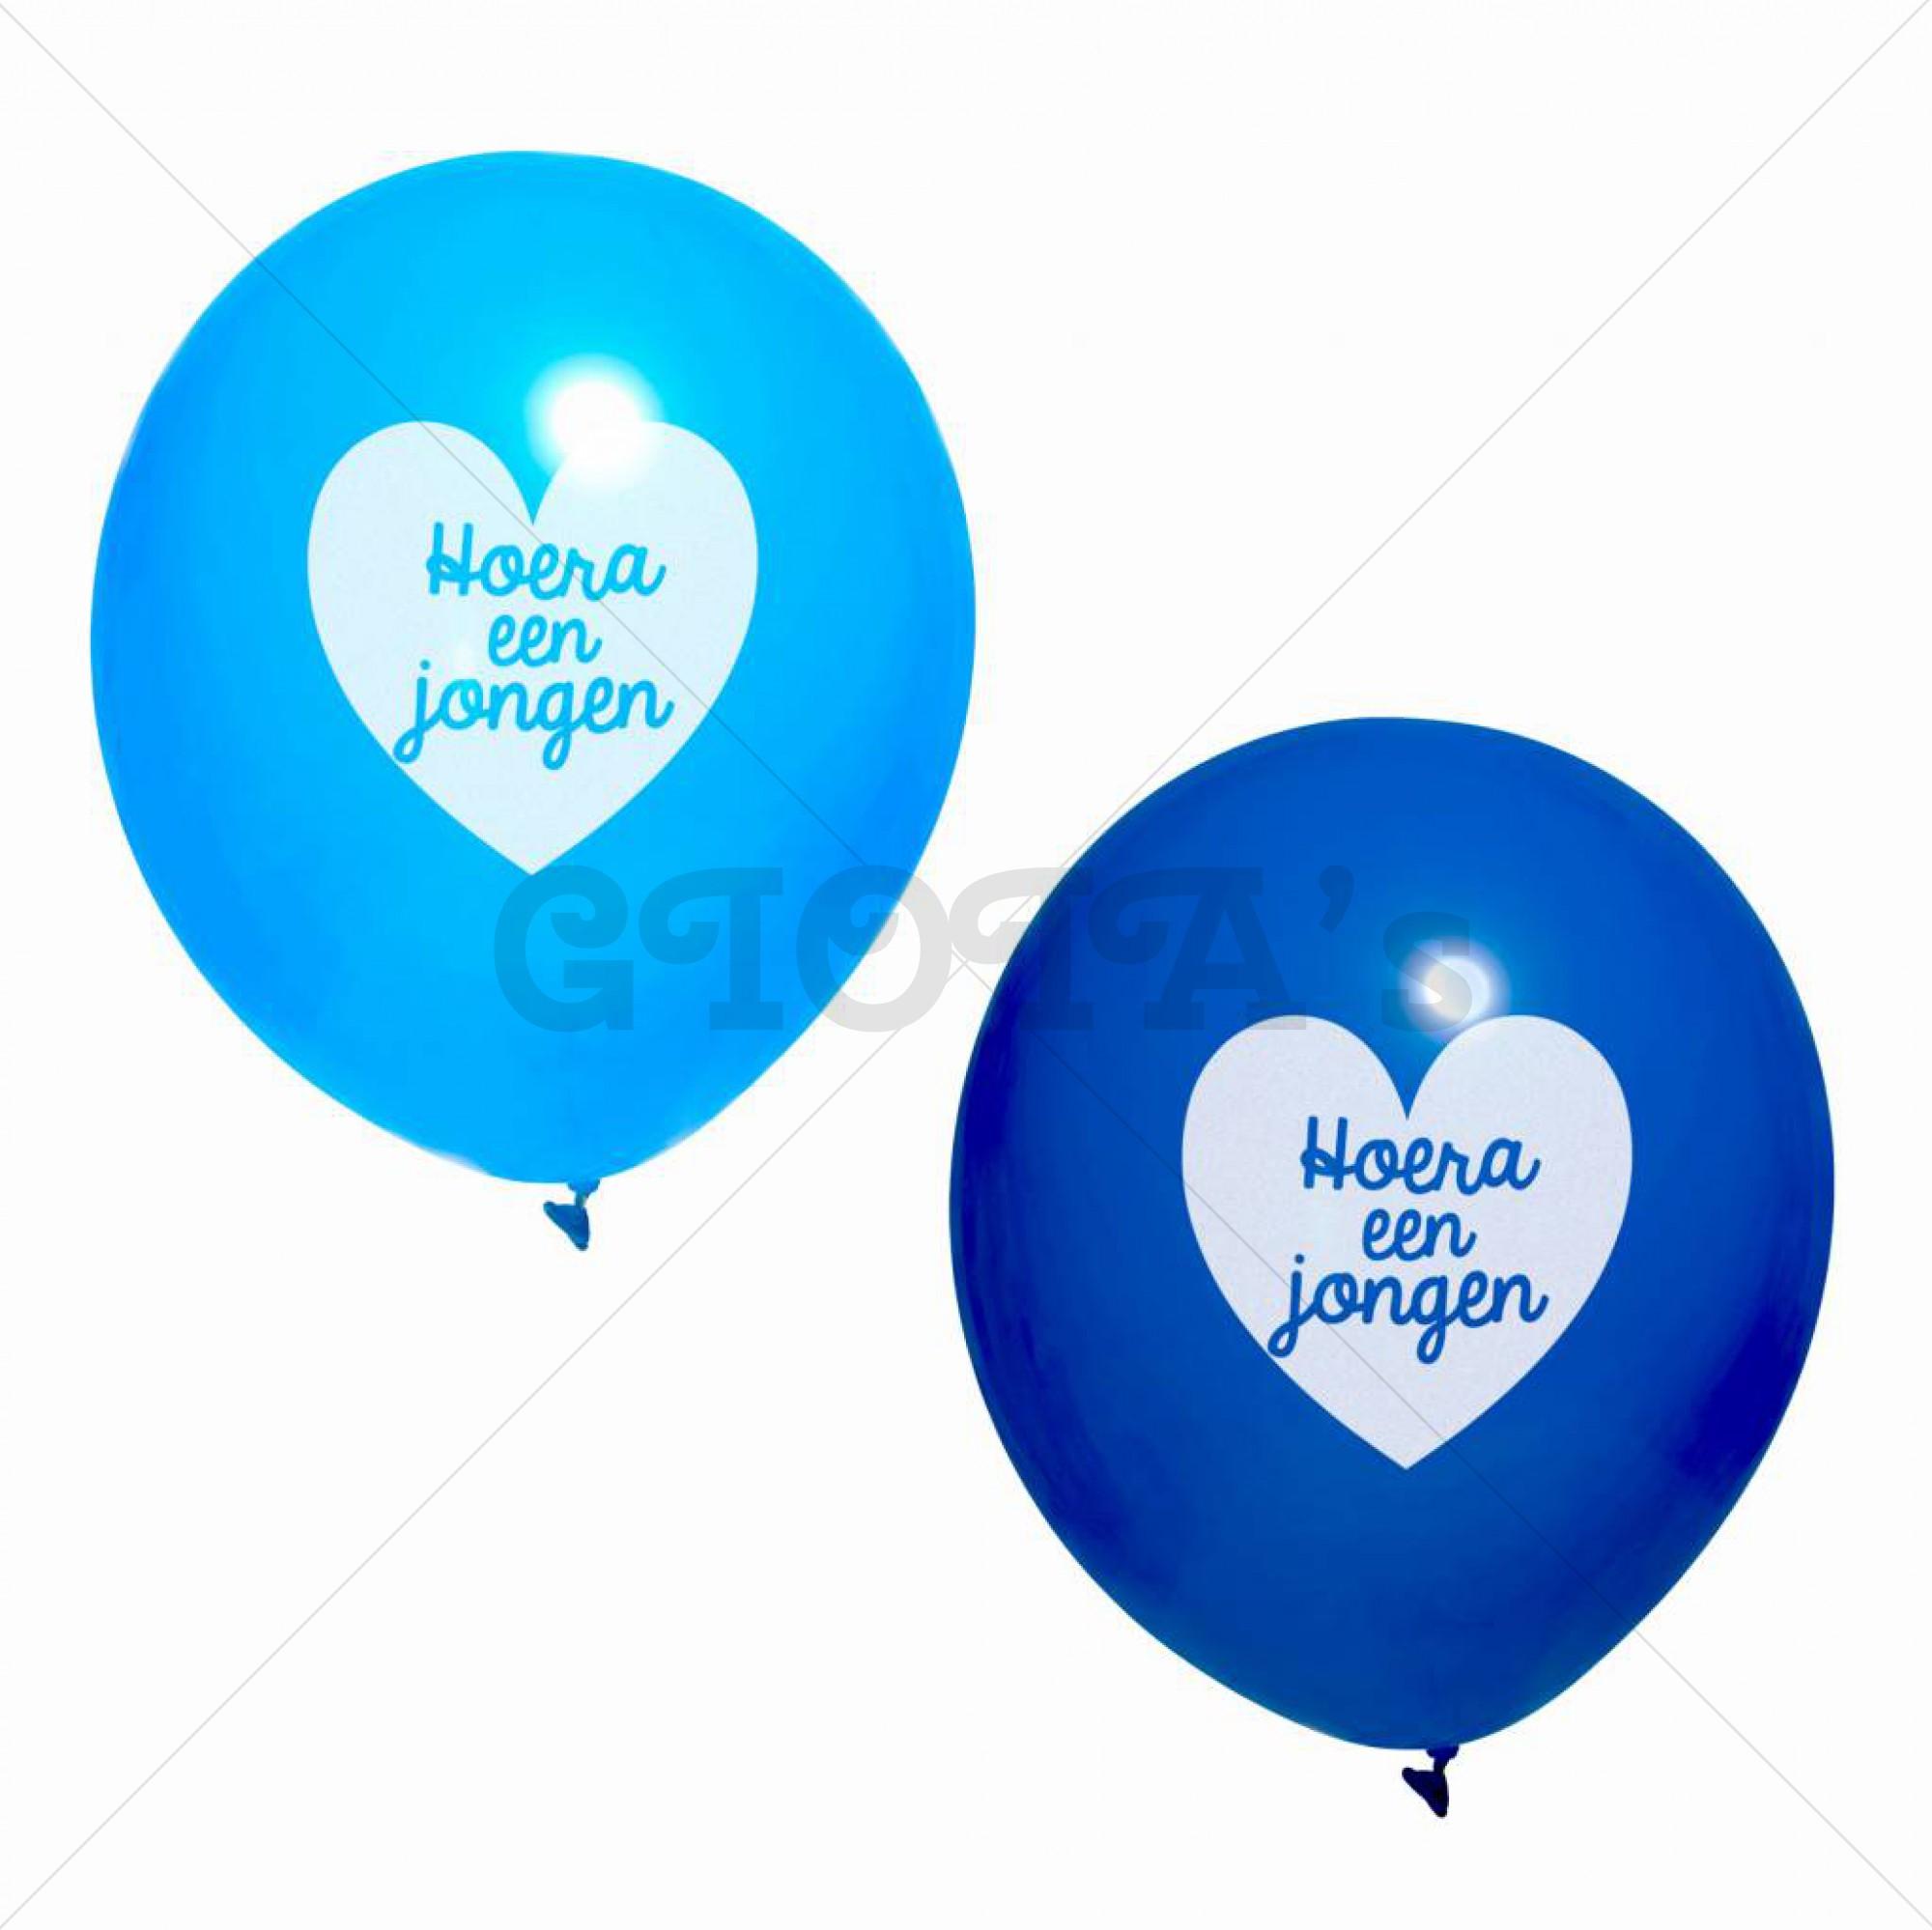 Ballon blauw met tekst Hoera een jongen 10 stuks